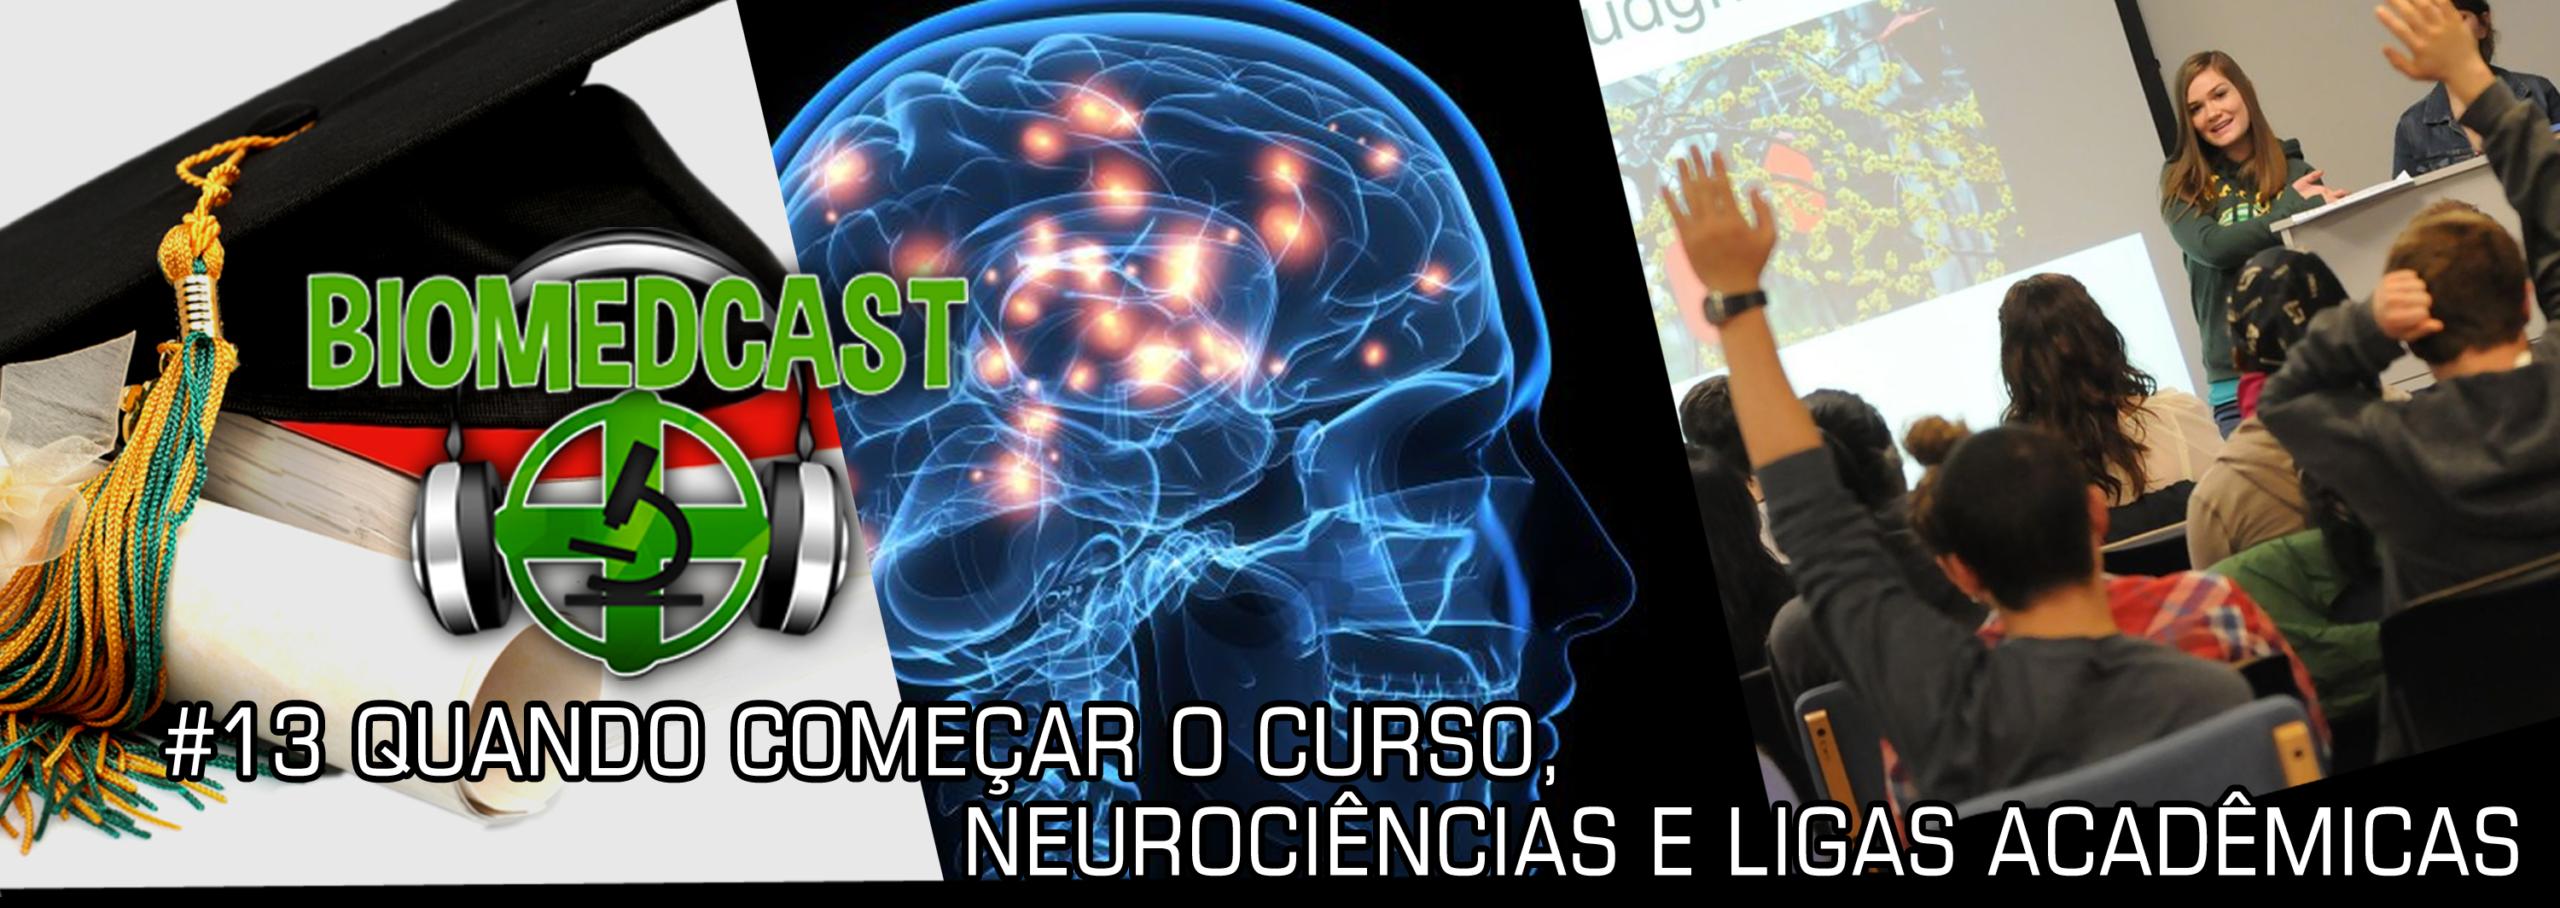 #13 Quando começar o curso, Neurociências e Ligas Acadêmicas